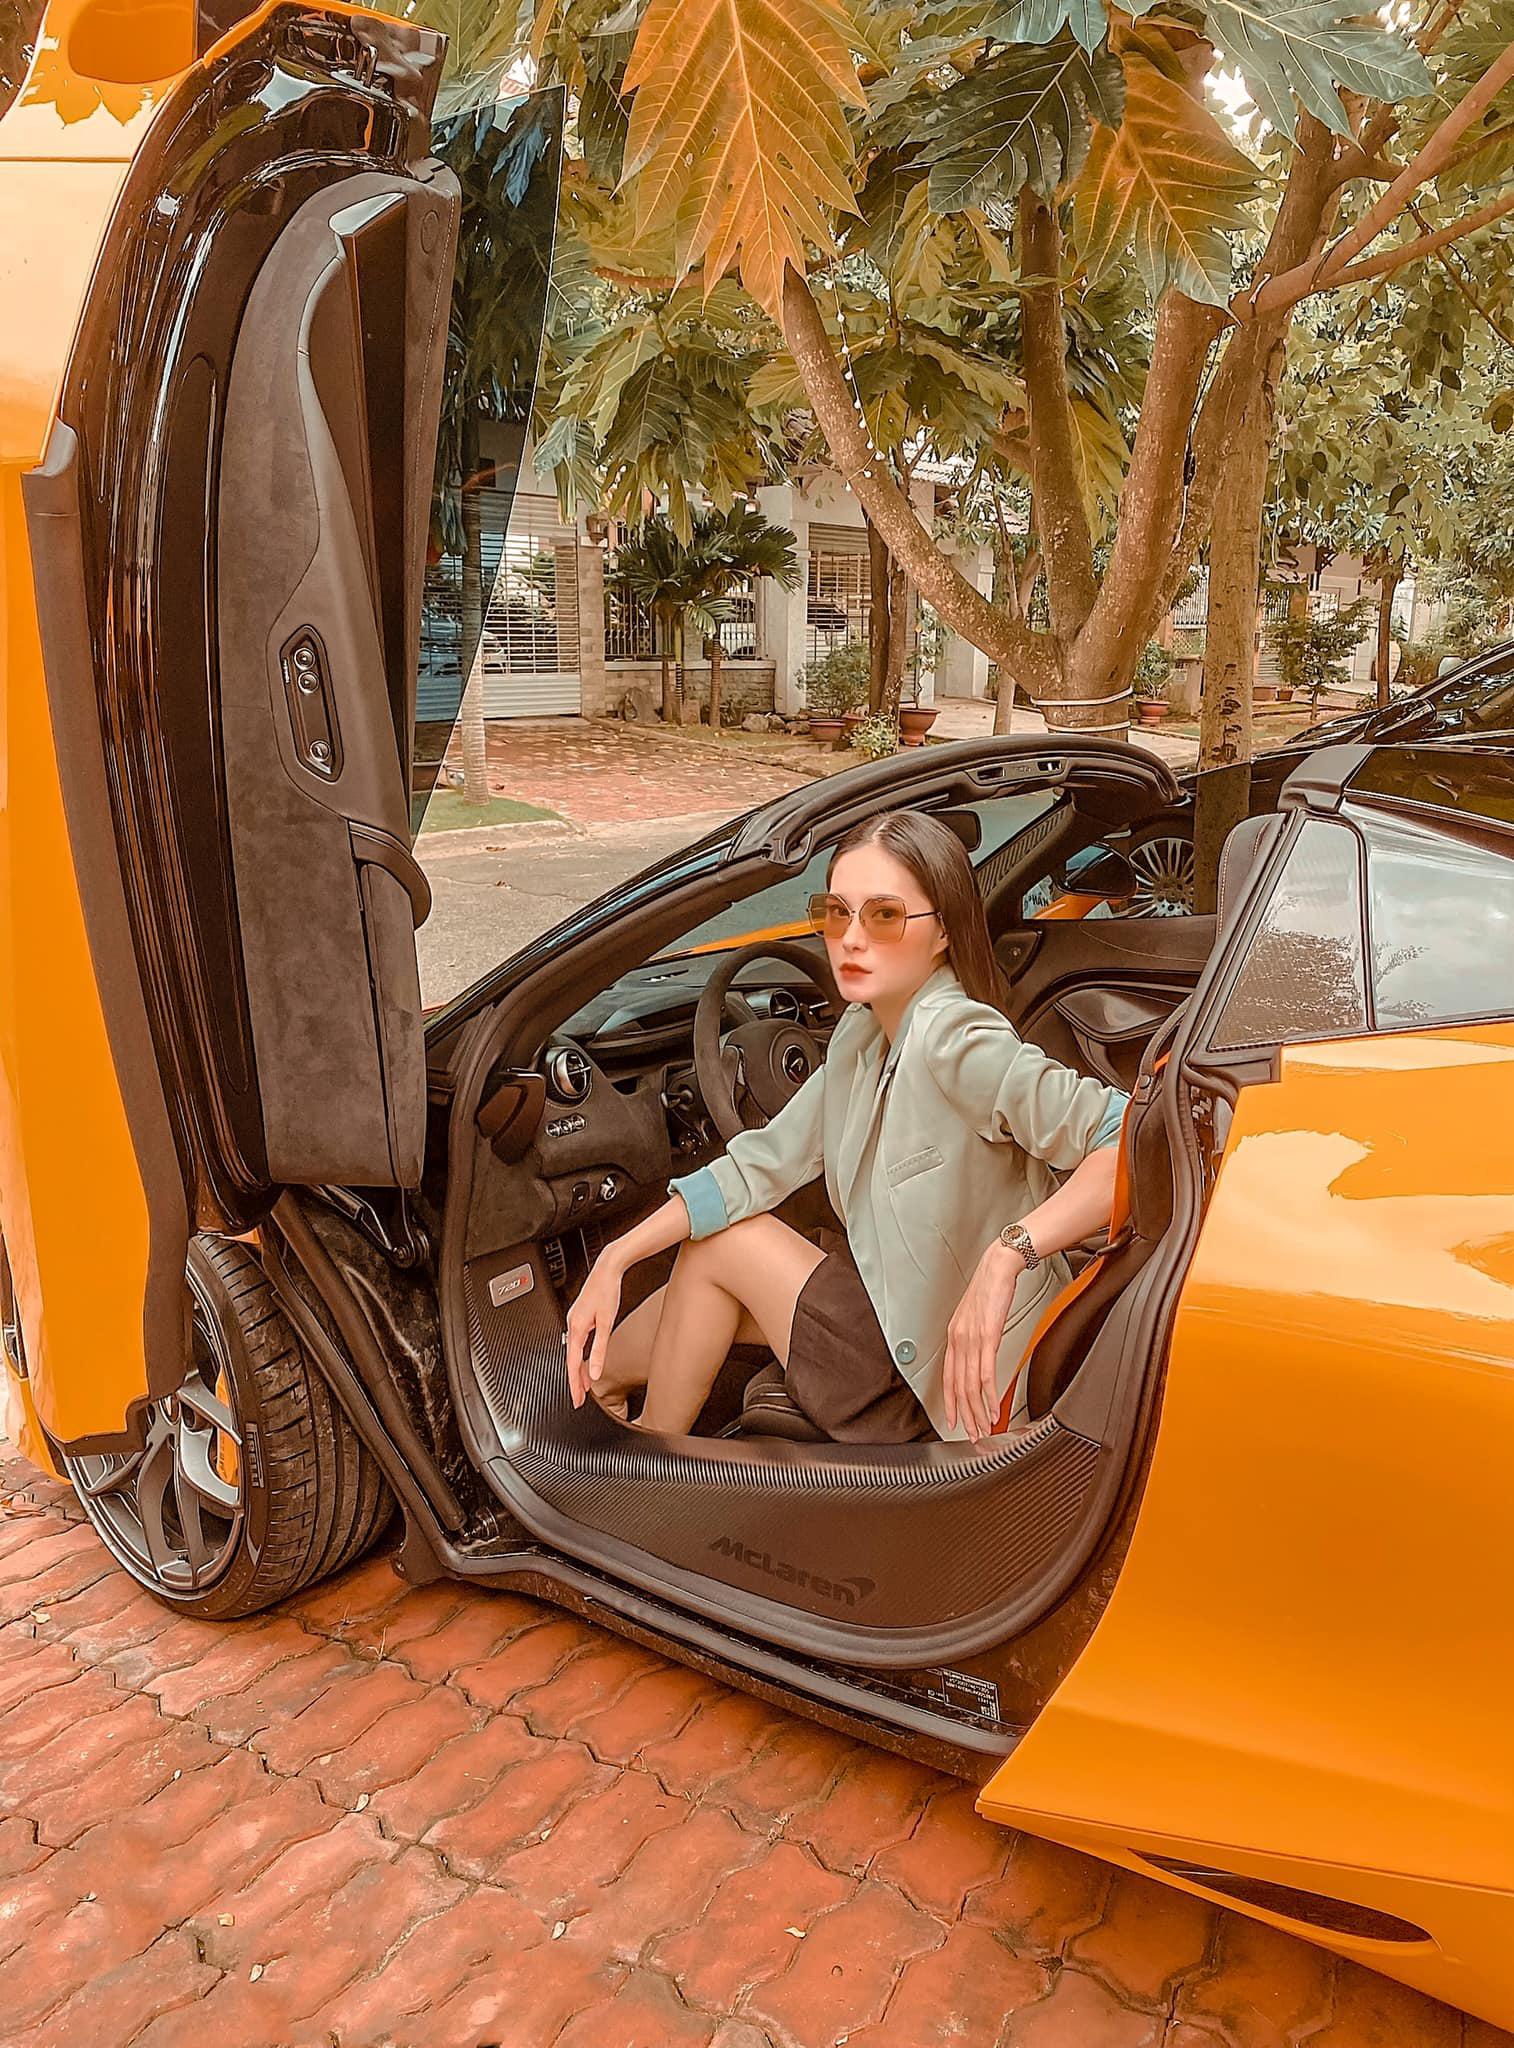 Nữ ca sĩ Đoàn Di Băng được chồng tặng hẳn siêu xe McLaren 720S Spider, không quên đề cập tới chuyện thiện nguyện tại thời điểm này - Ảnh 2.